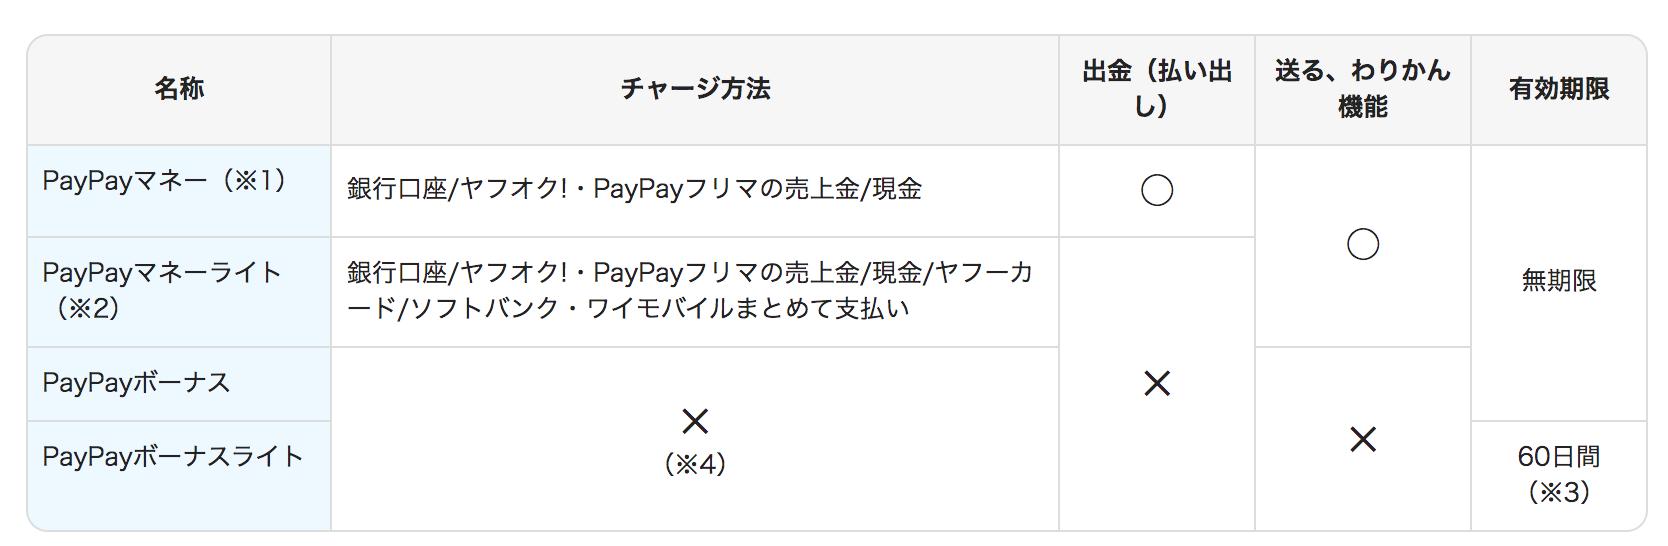 マネー 金 出 paypay ライト